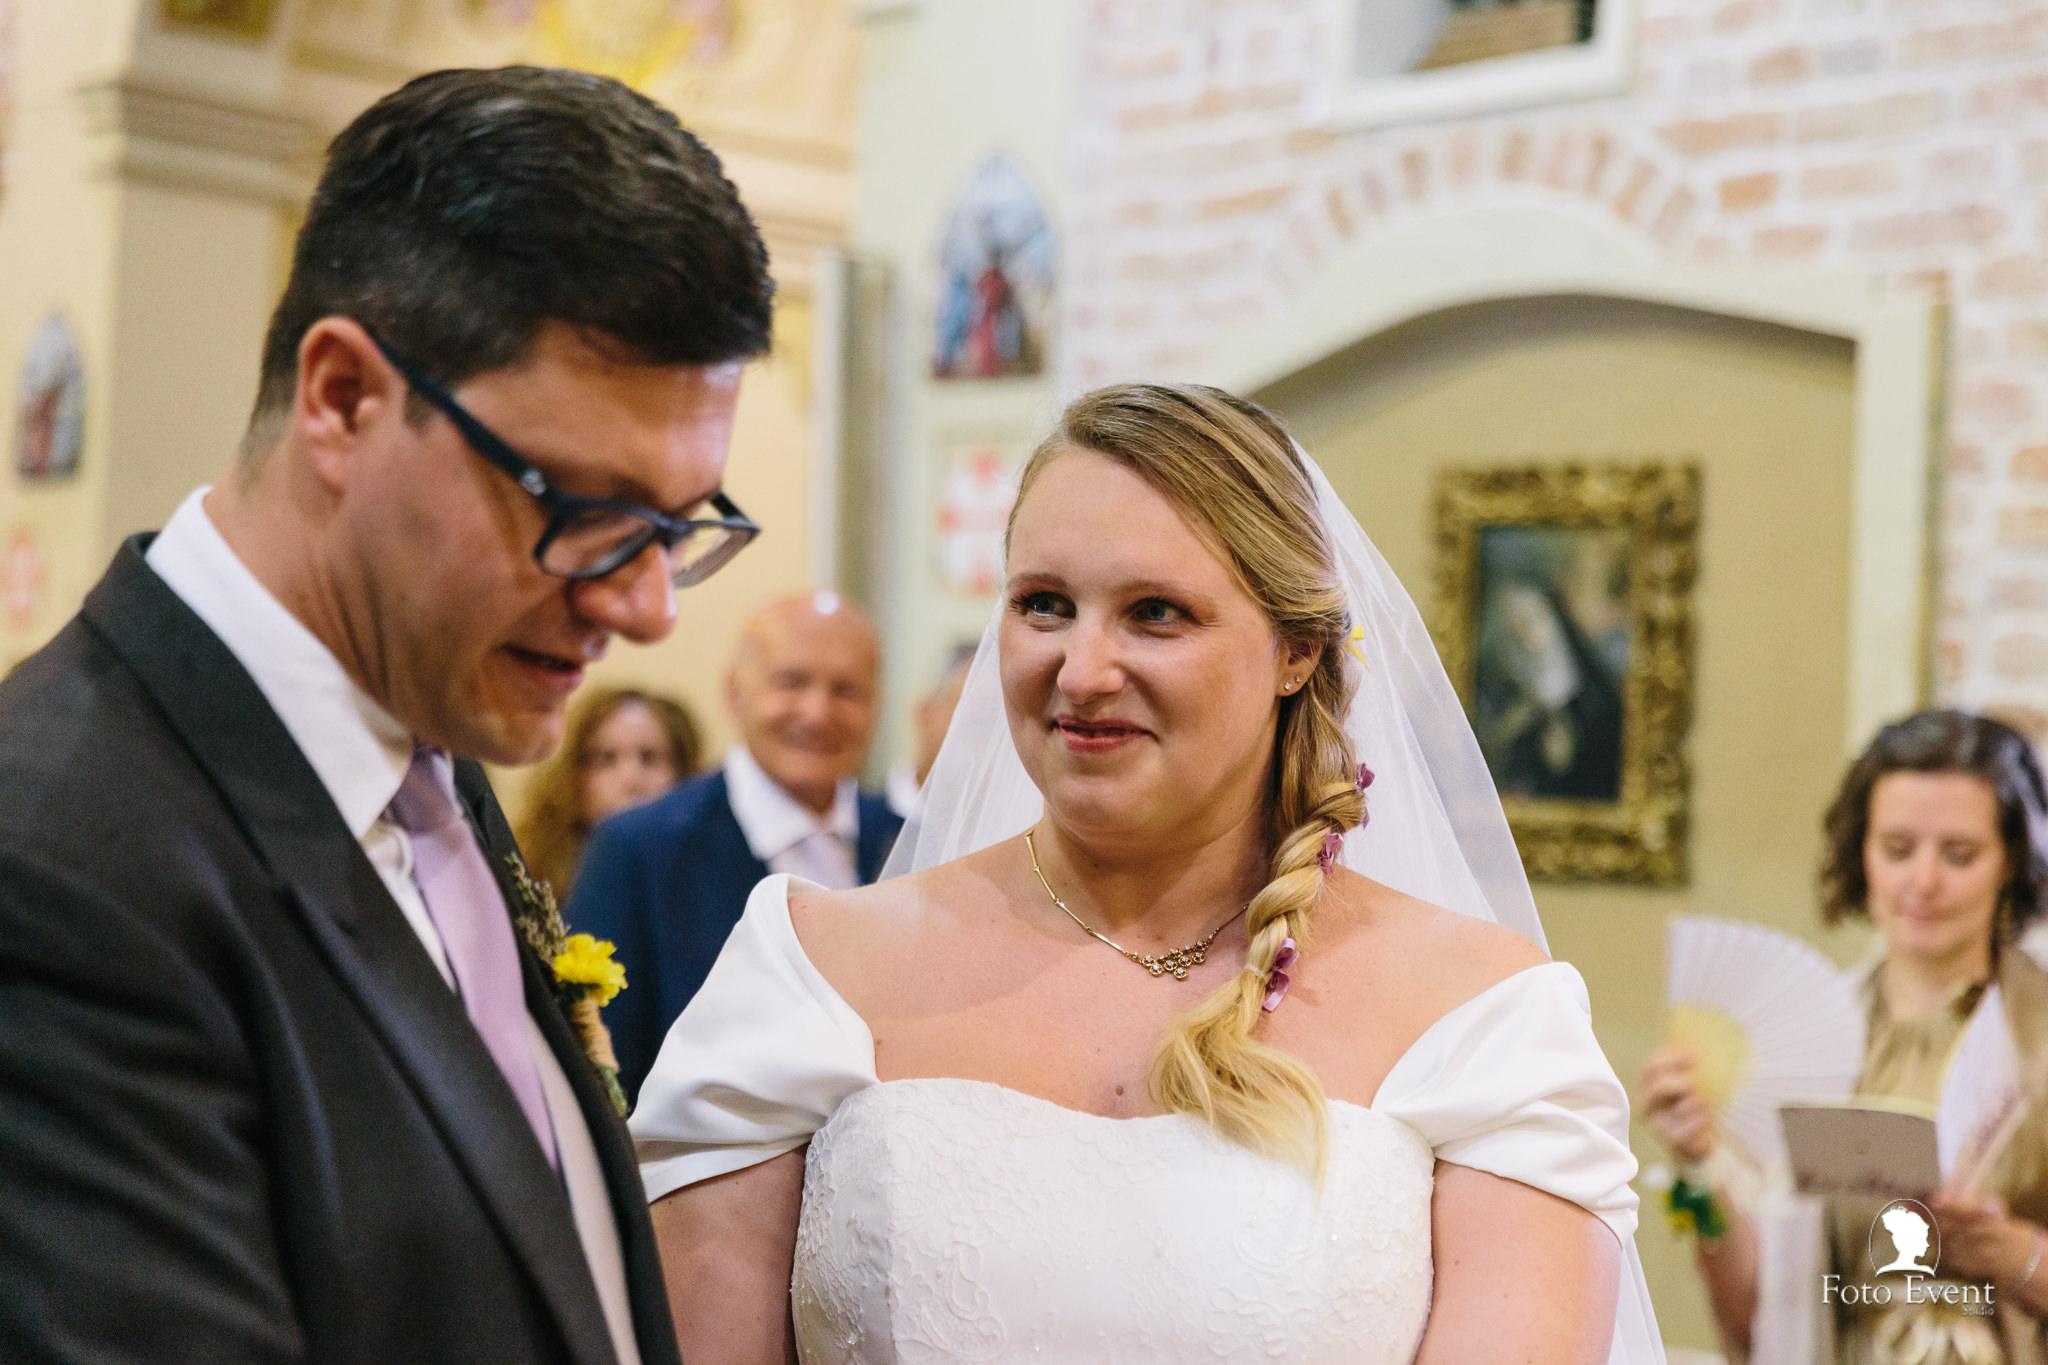 044-2019-07-27-Matrimonio-Valentina-e-Alessandro-Pettinari-5DE-696